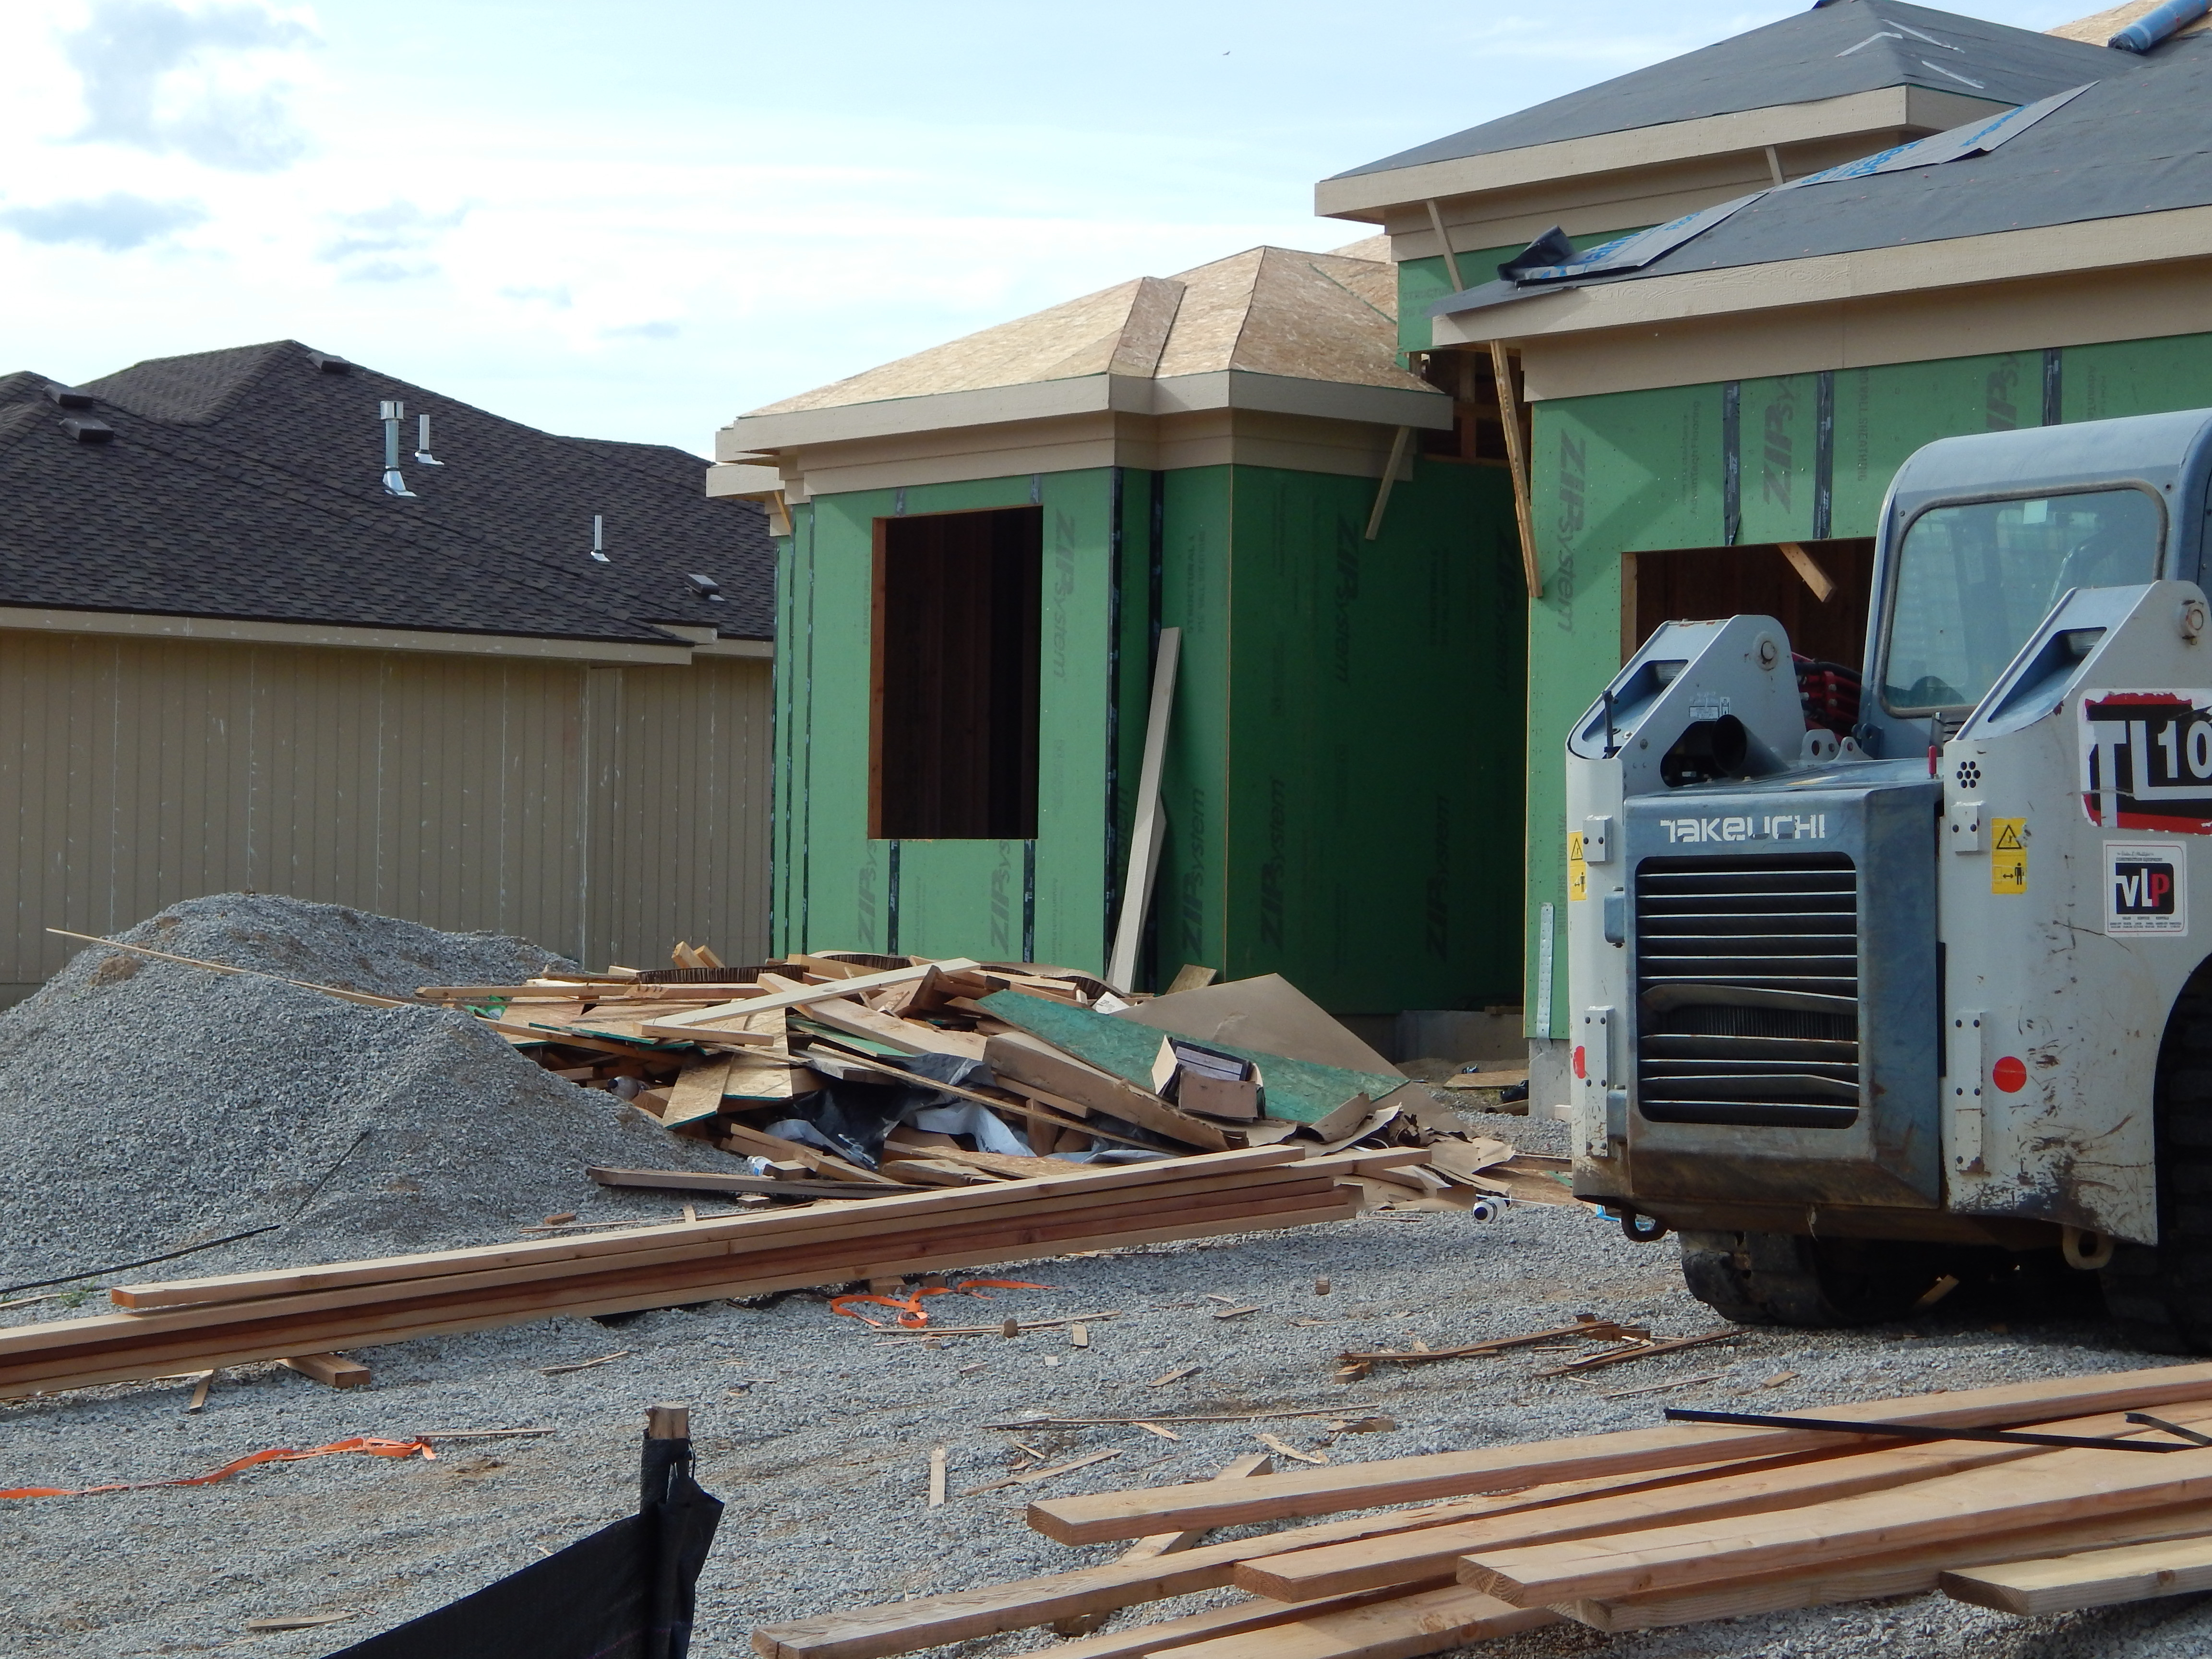 Construction Debris Clean-up